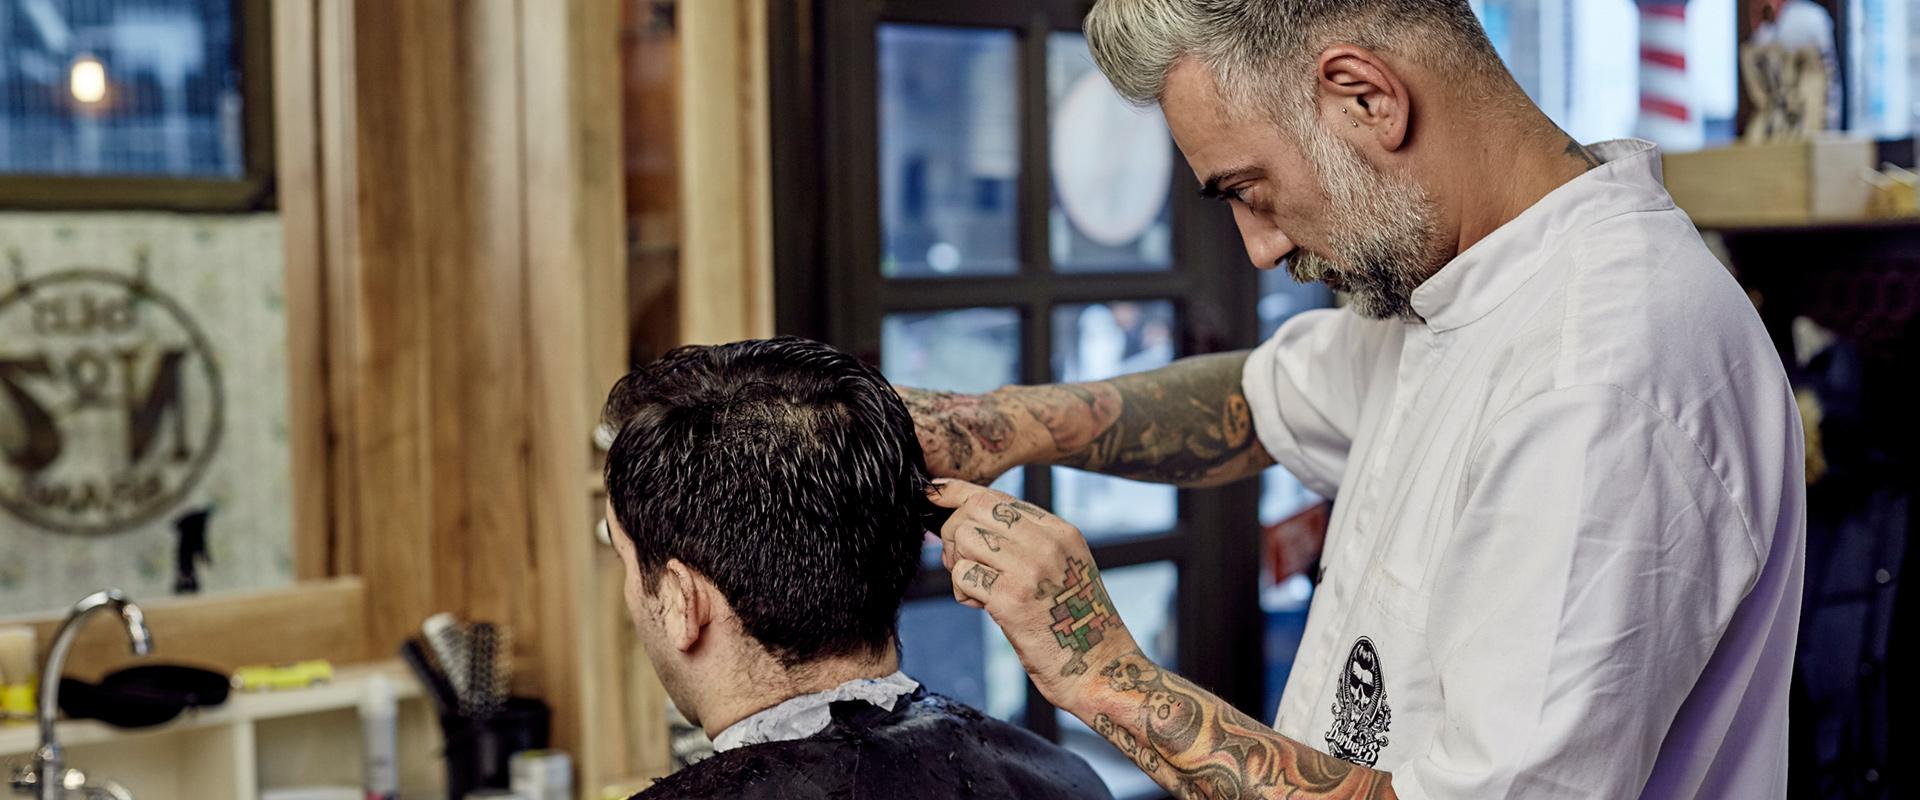 The best barber shops in Belgrade